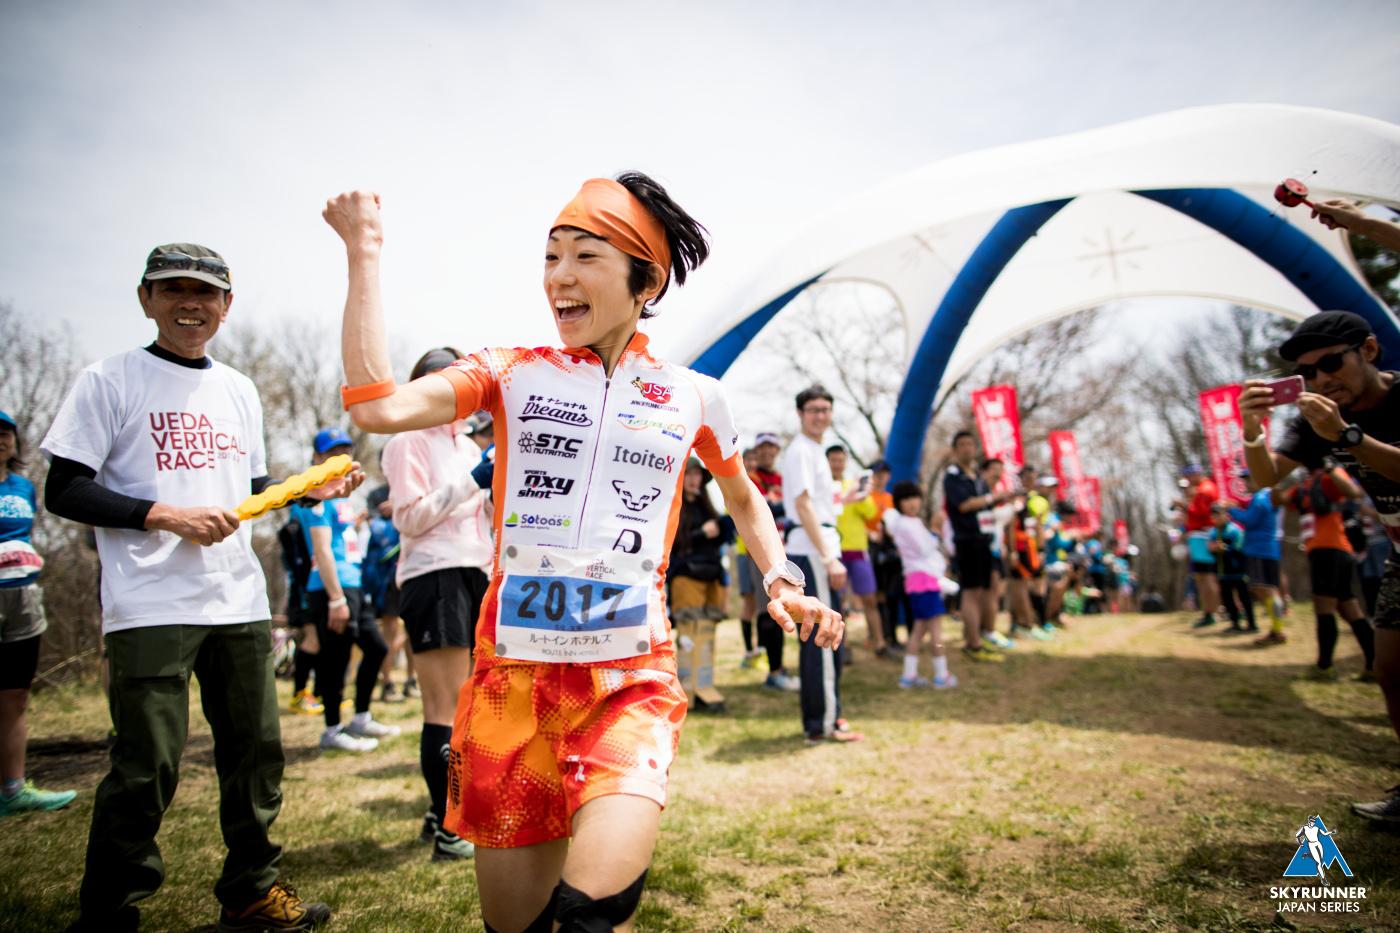 上田バーティカルから6連勝中の吉住 🄫Ueda vertical race